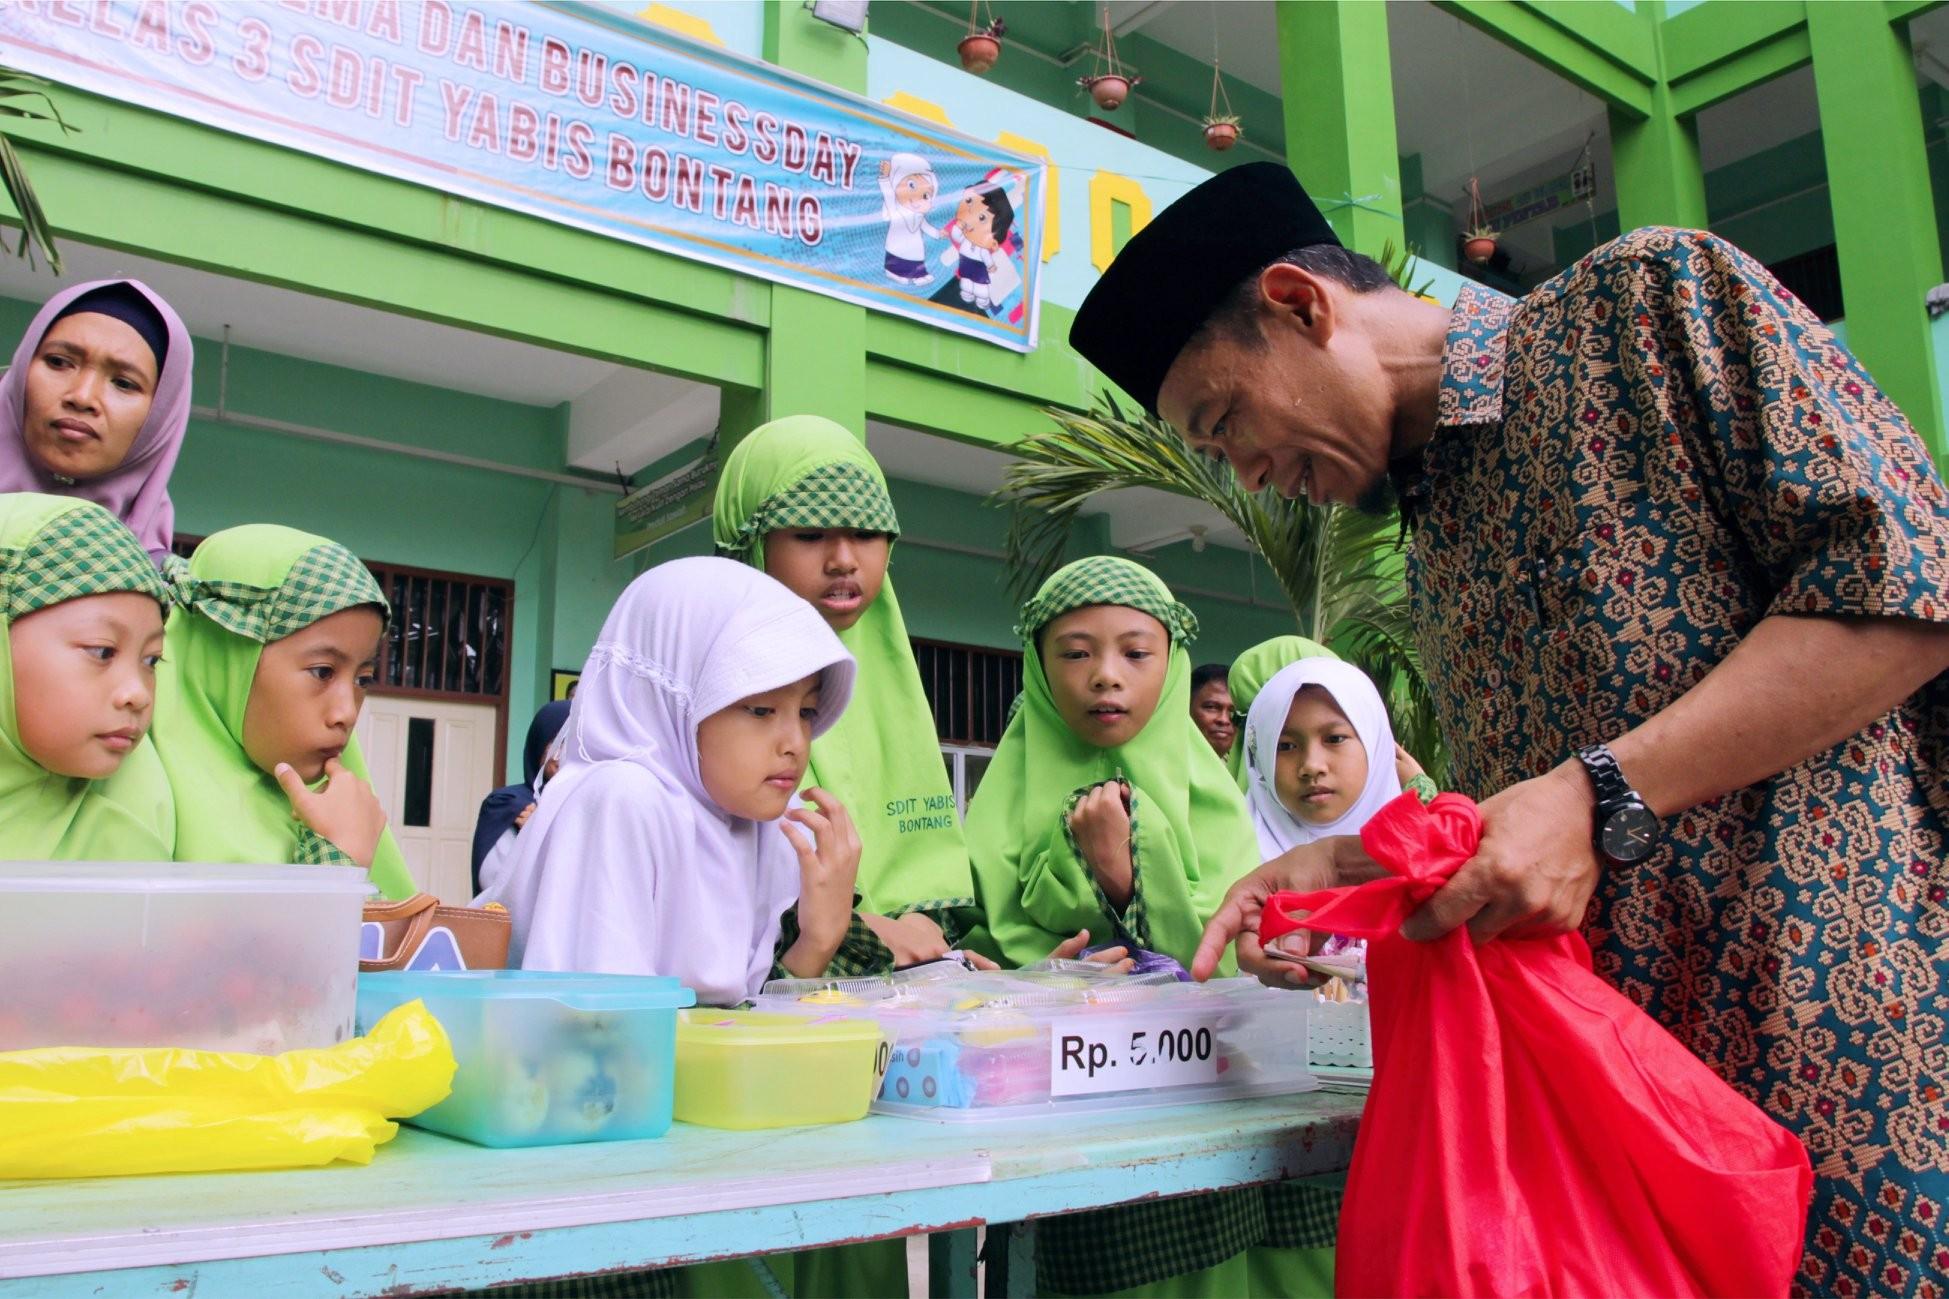 Kuatkan Karakter Berniaga dan cinta Olahan Nusantara, Siswa SD IT YABIS Ikuti Buisness Day